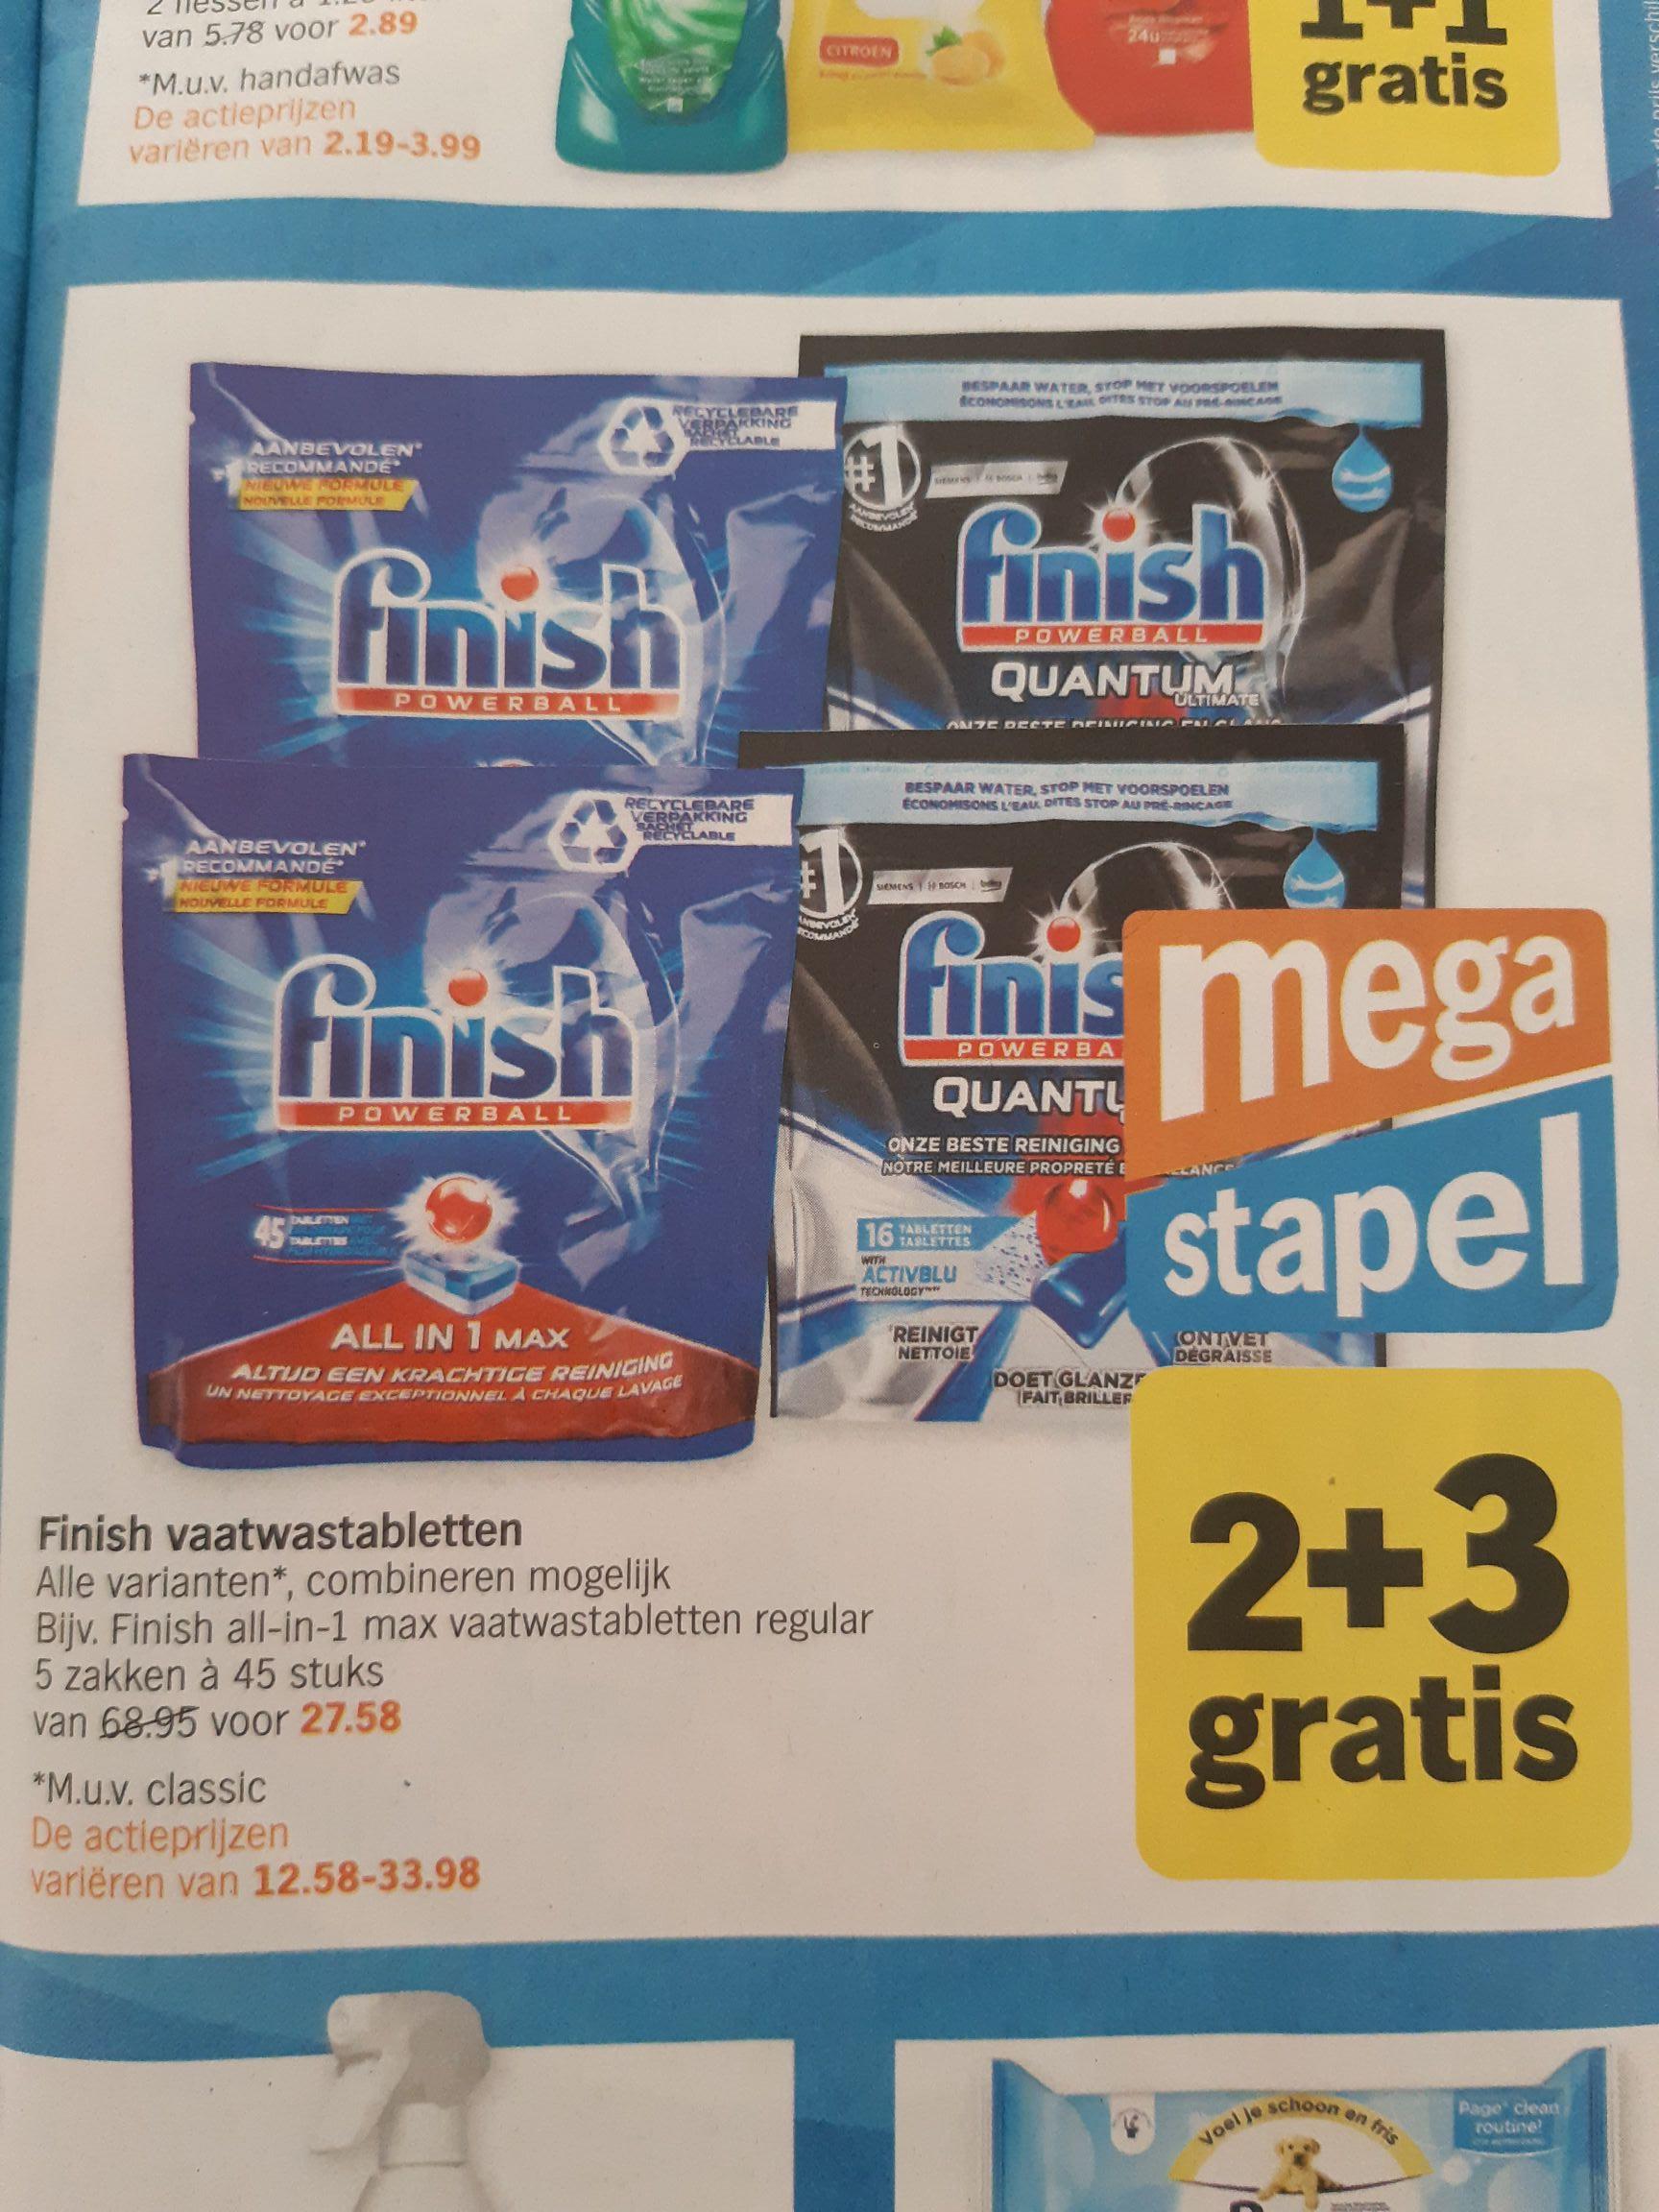 Finish vaatwastabletten 2 + 3 gratis bij Albert Heijn